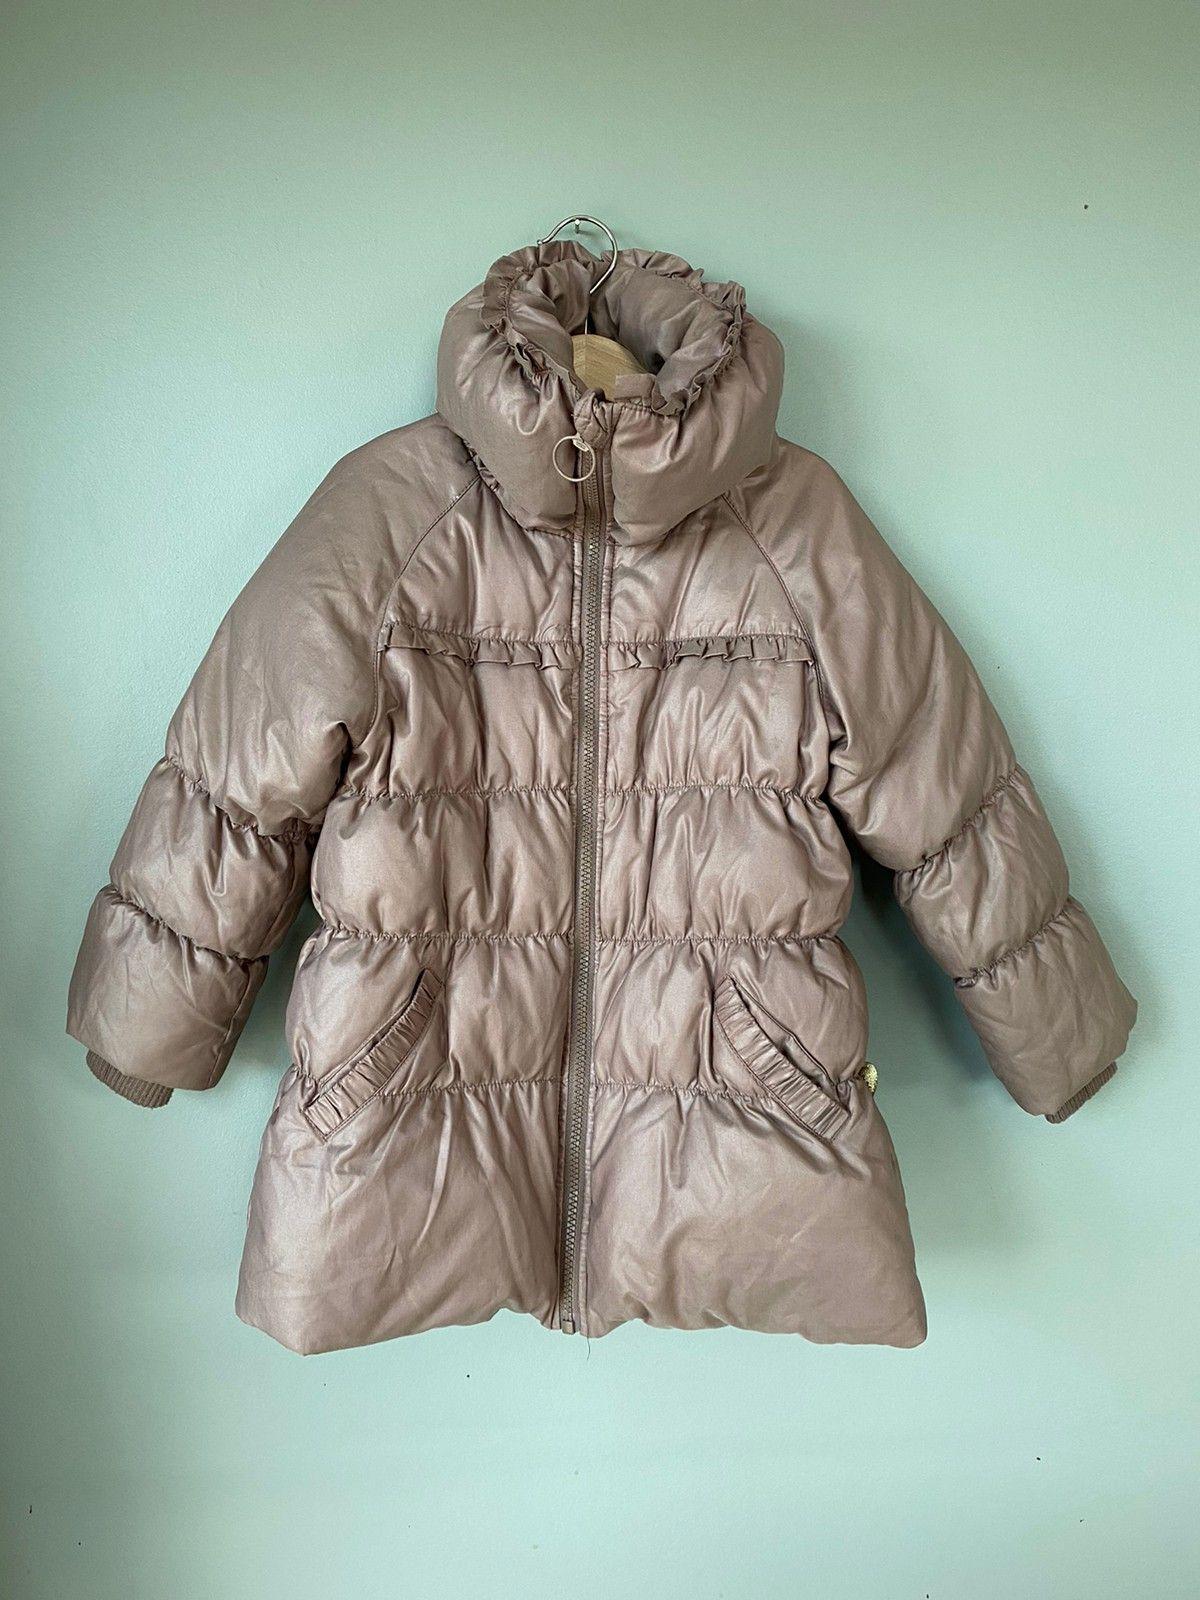 Pomp De Lux vinter jakke str 110